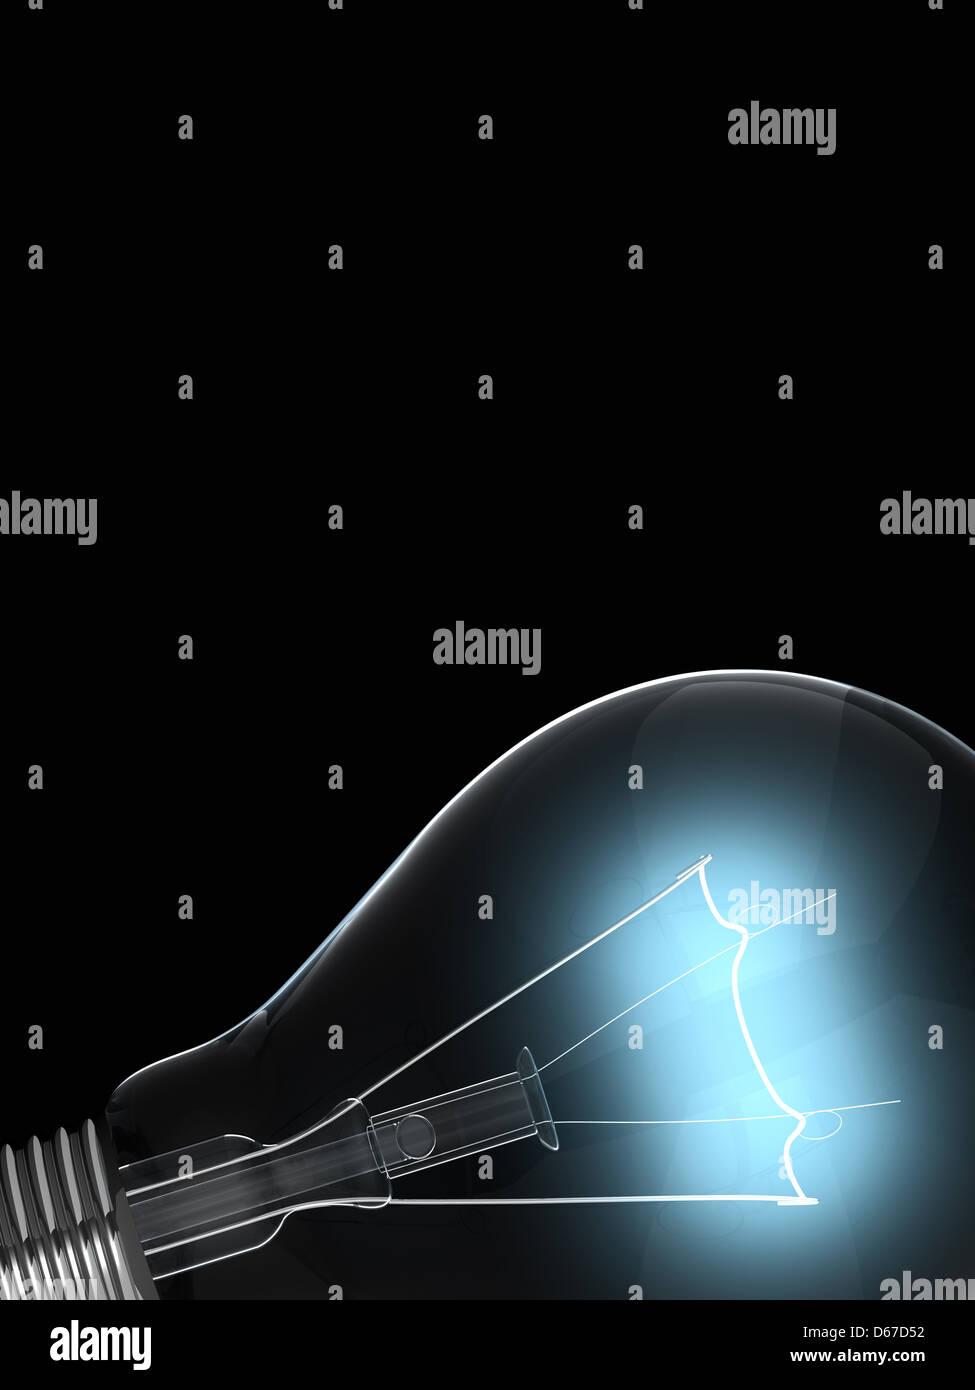 leuchtende gl hbirne auf schwarzem hintergrund stockfoto bild 55483038 alamy. Black Bedroom Furniture Sets. Home Design Ideas